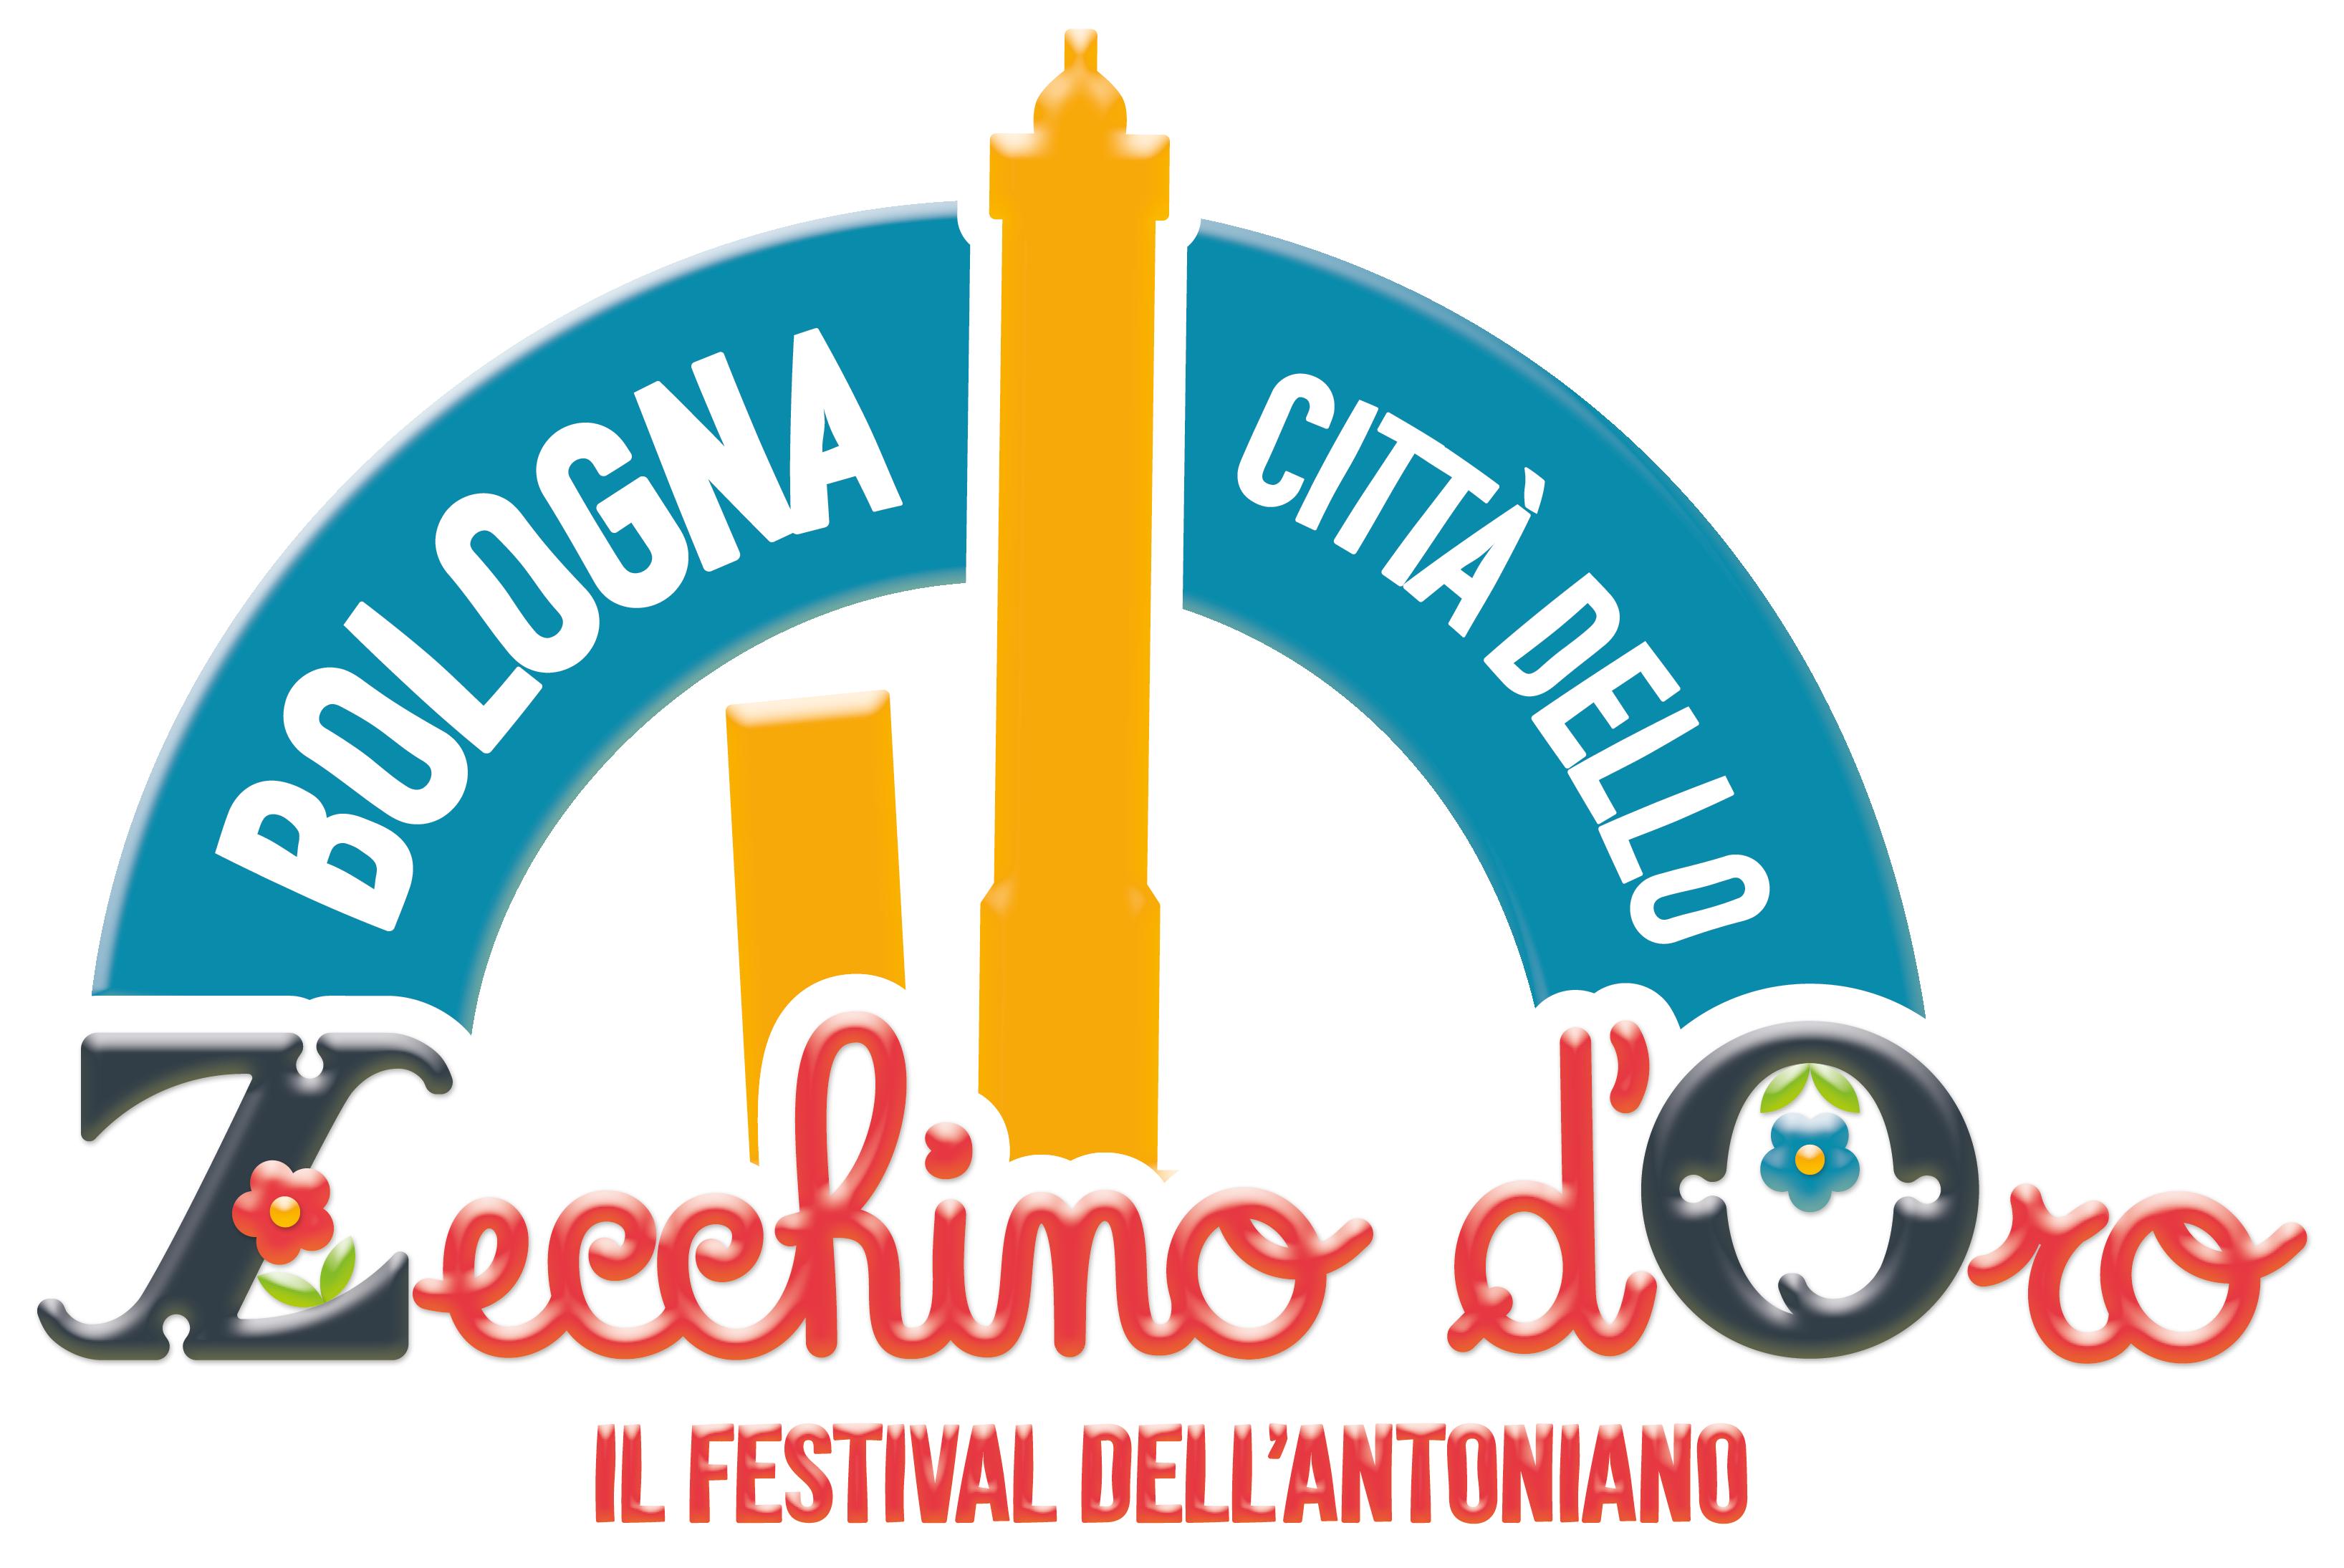 Bologna Città dello Zecchino d'Oro